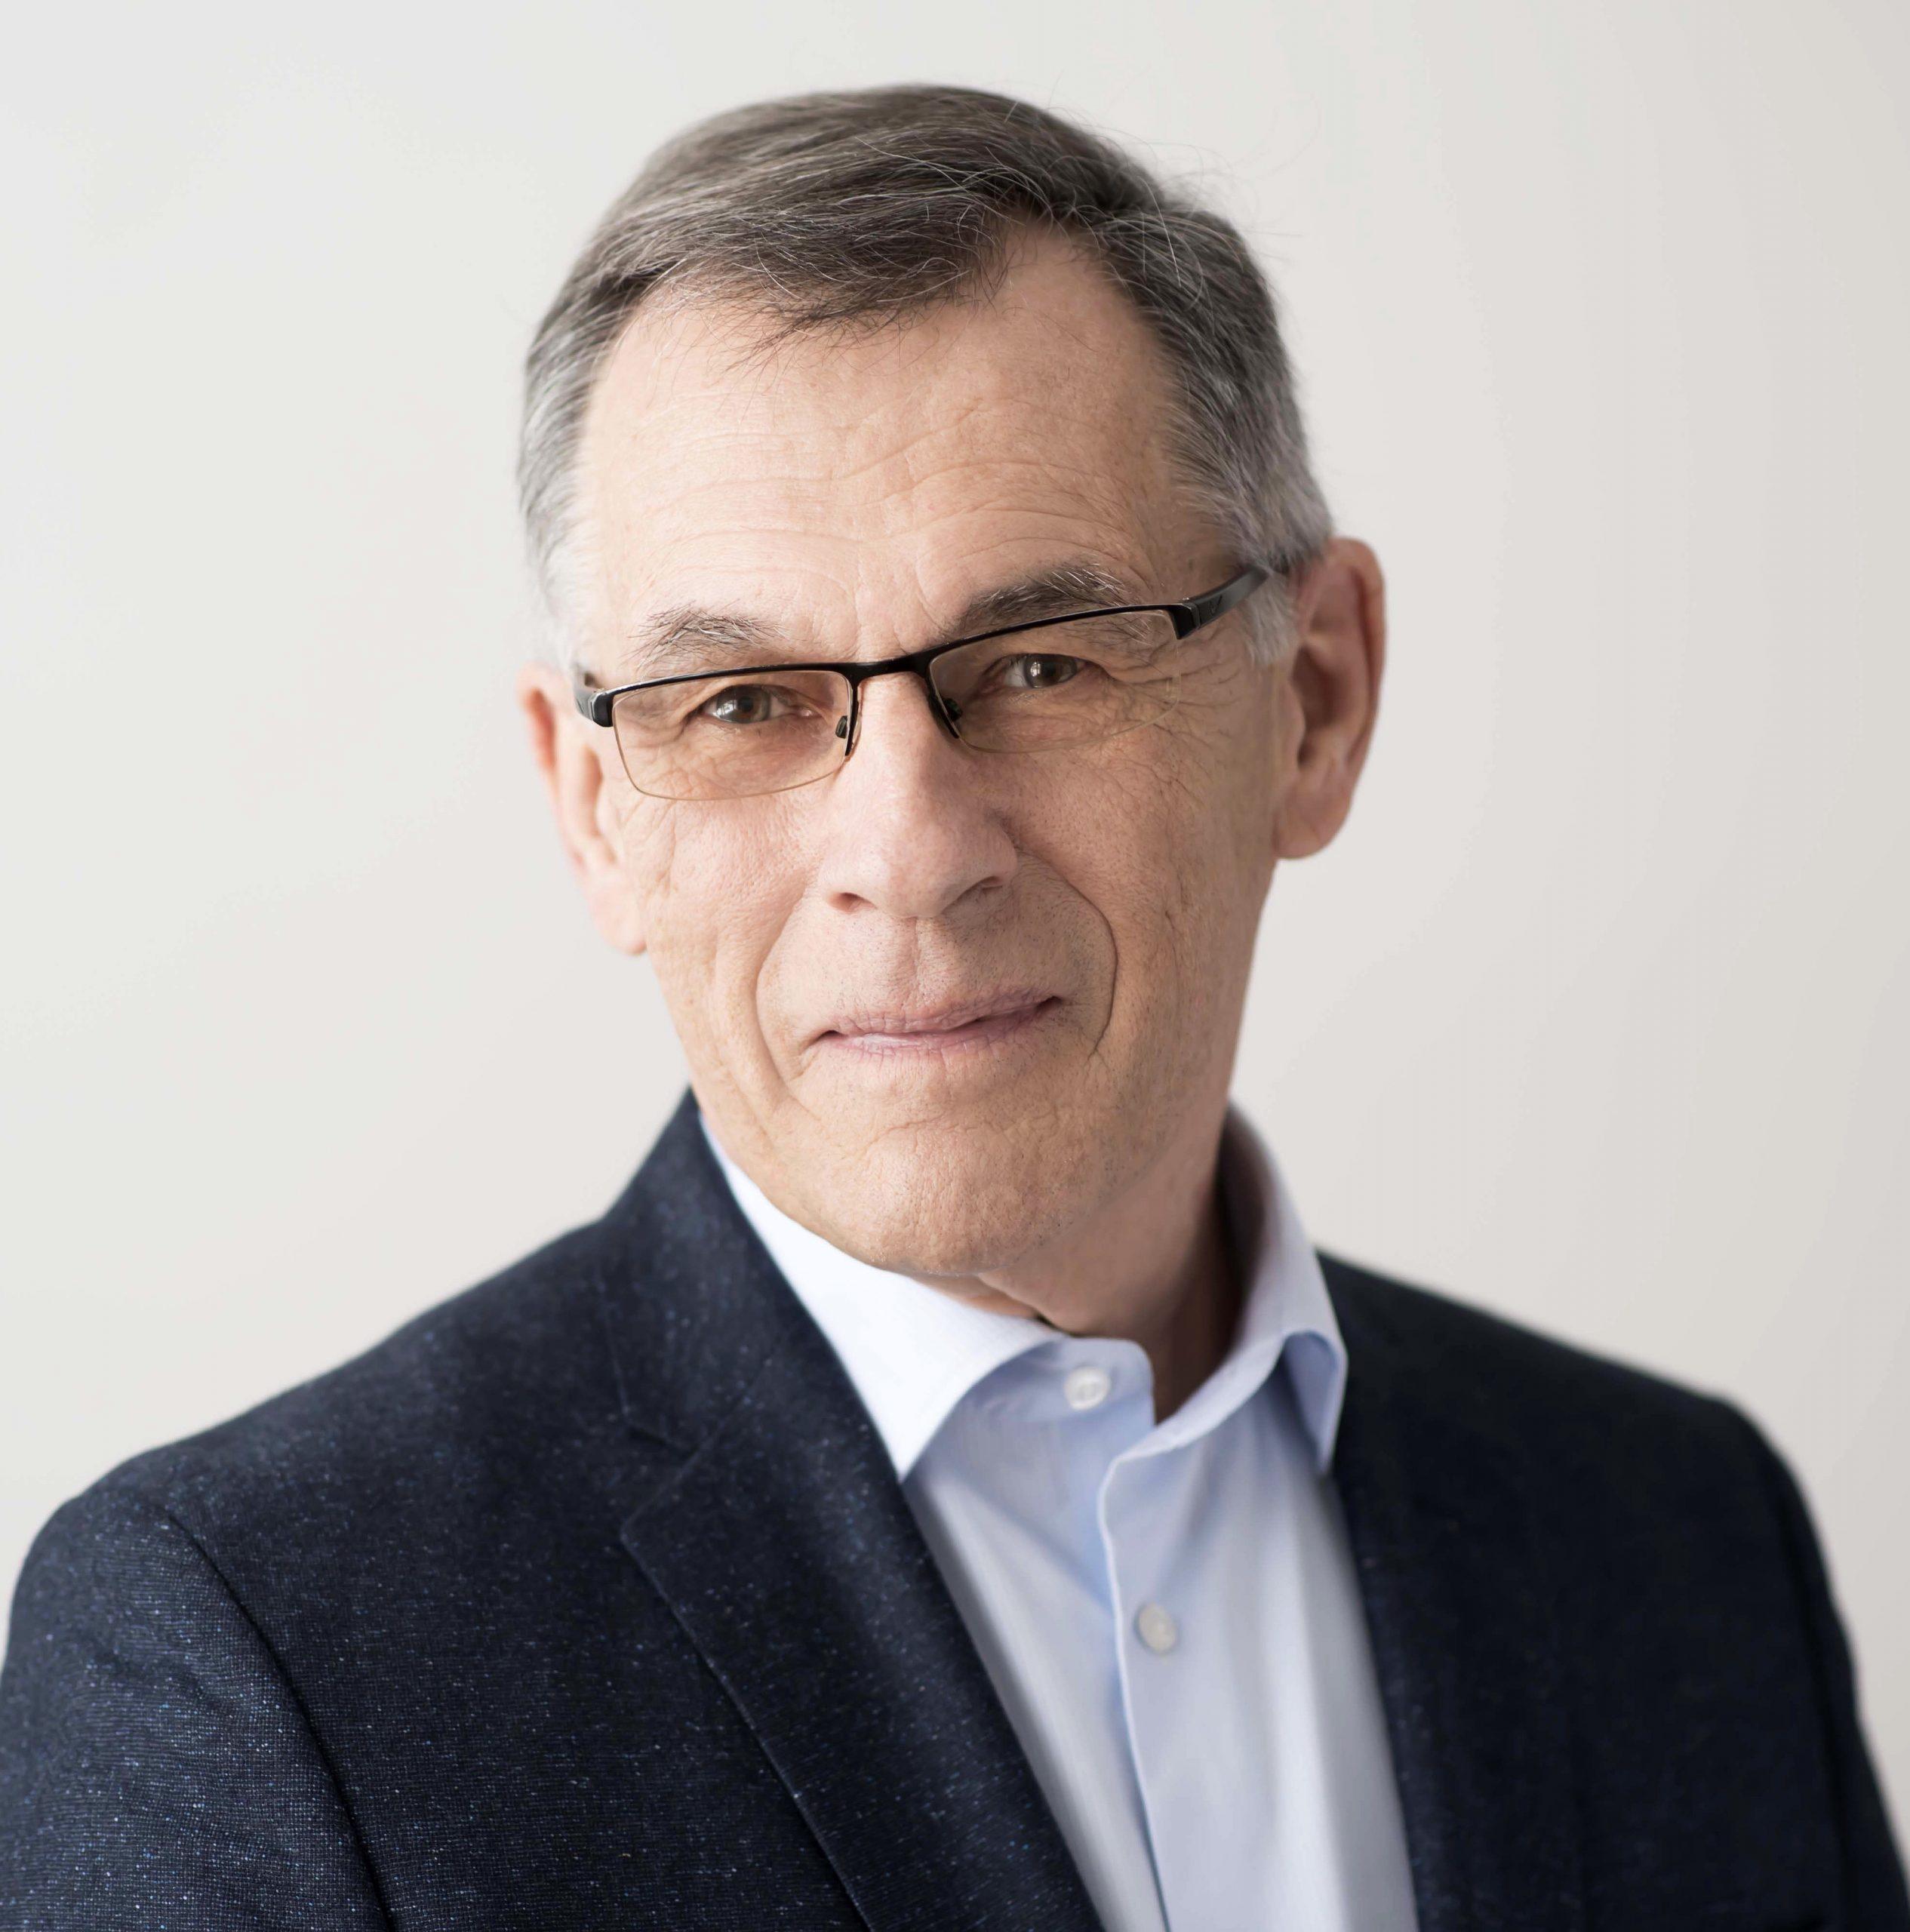 Paul Ouellet